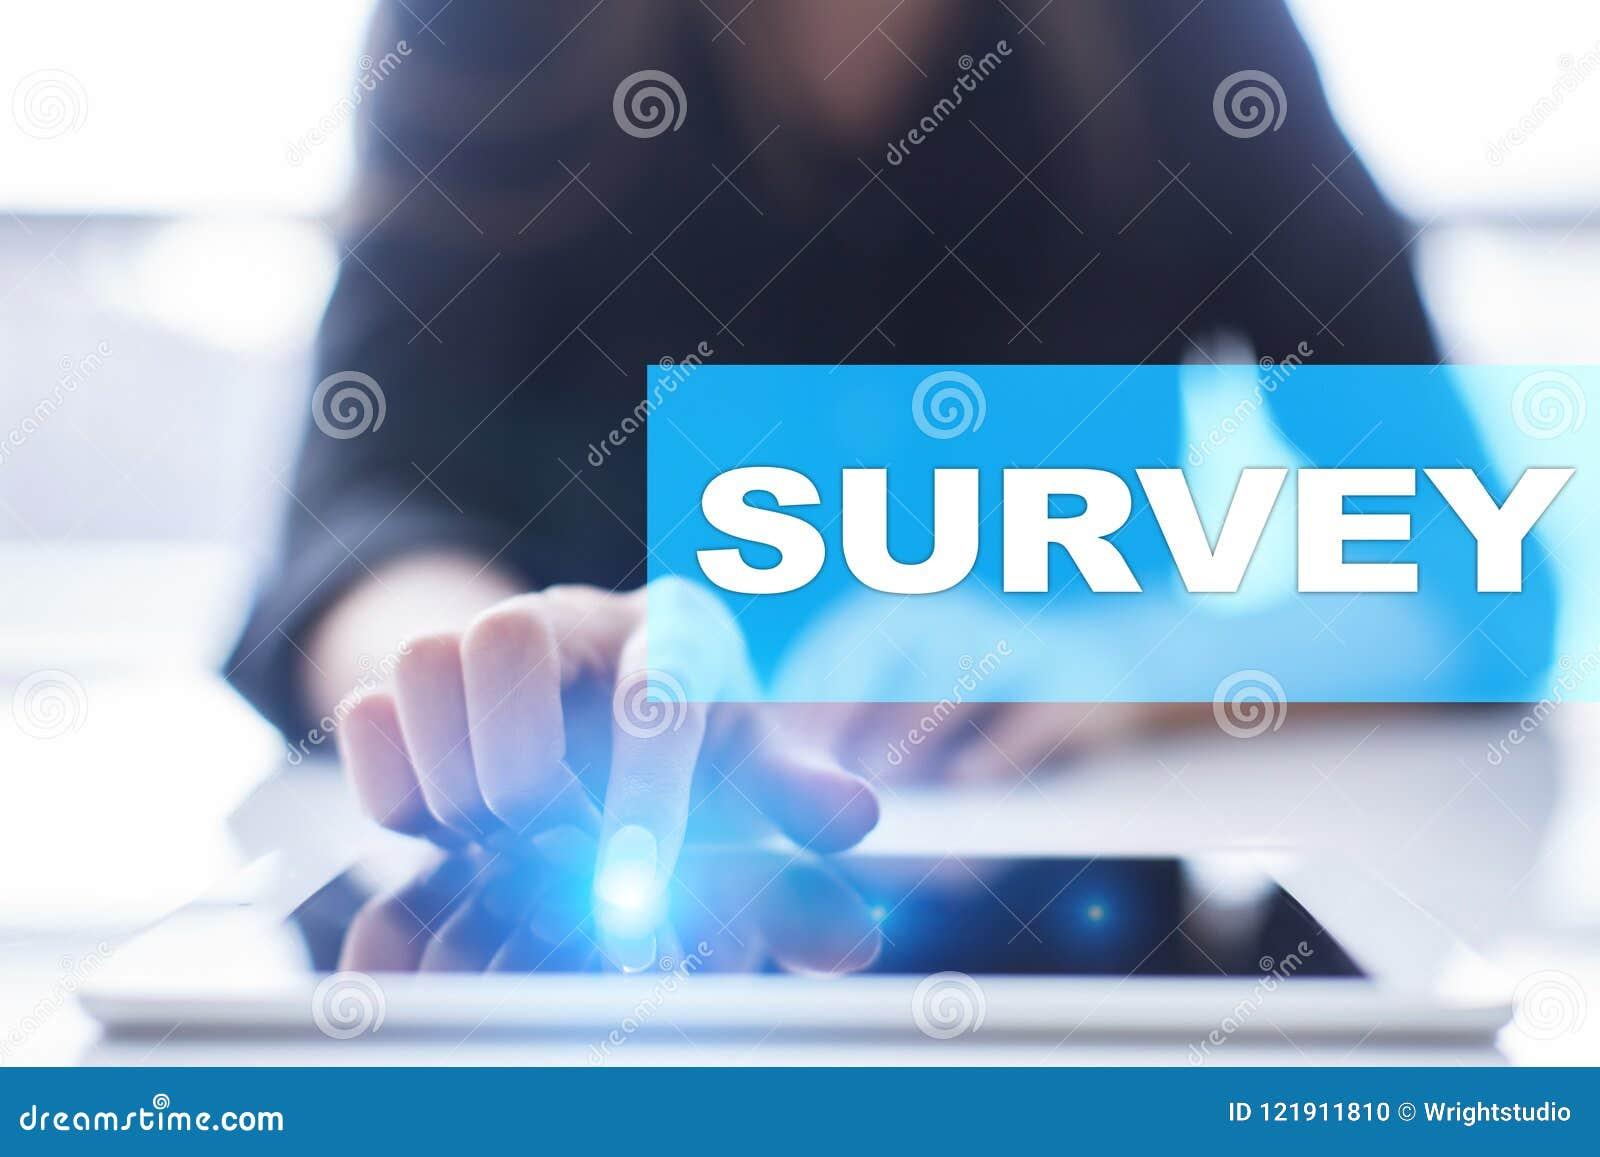 Texto de la encuesta en la pantalla virtual Reacción y certificados de los clientes Internet del negocio y concepto de la tecnolo